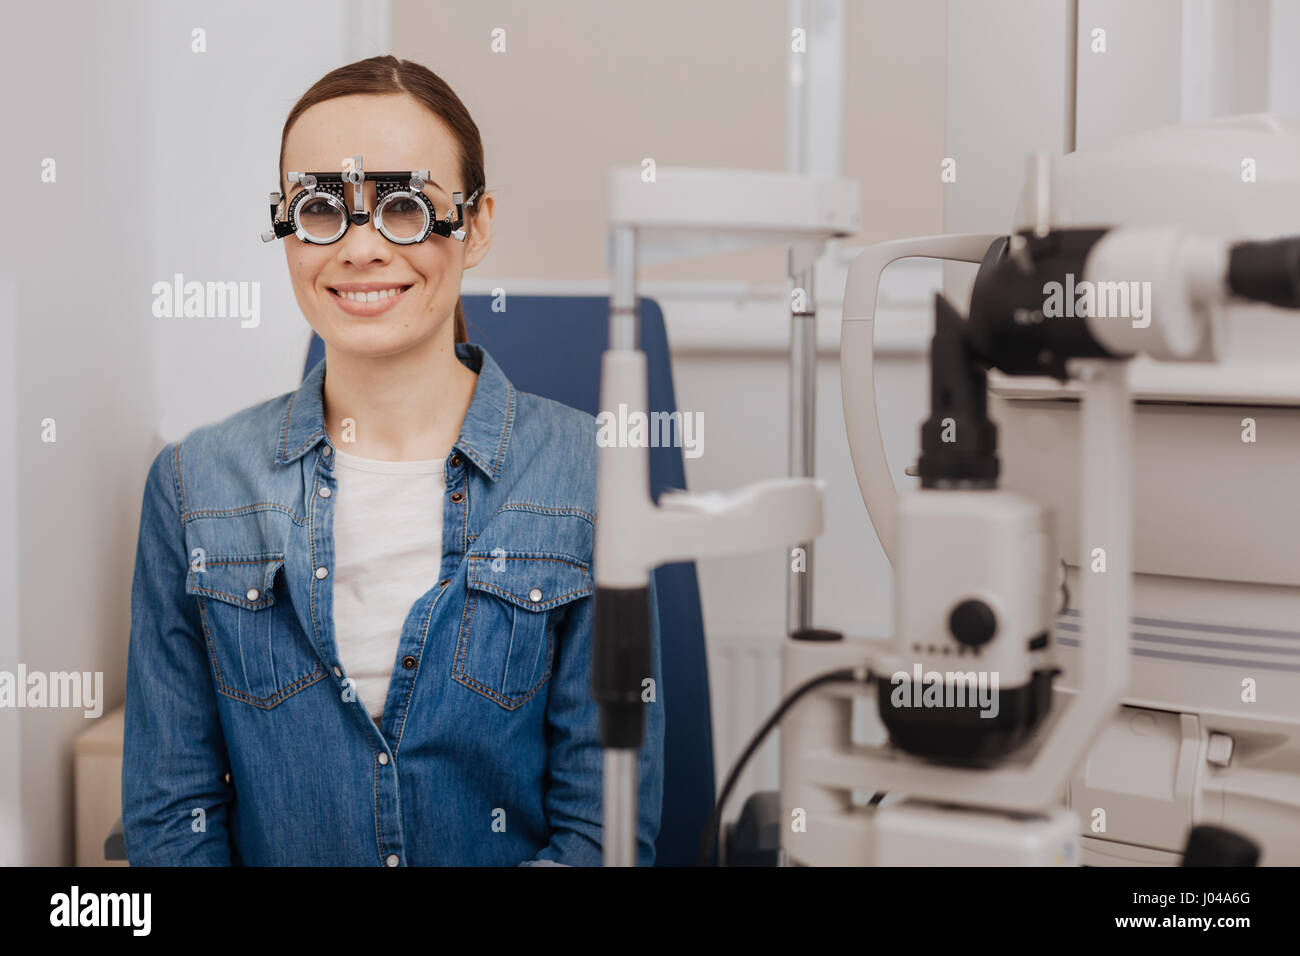 Felice donna felice gli occhi indossando occhiali di prova Immagini Stock